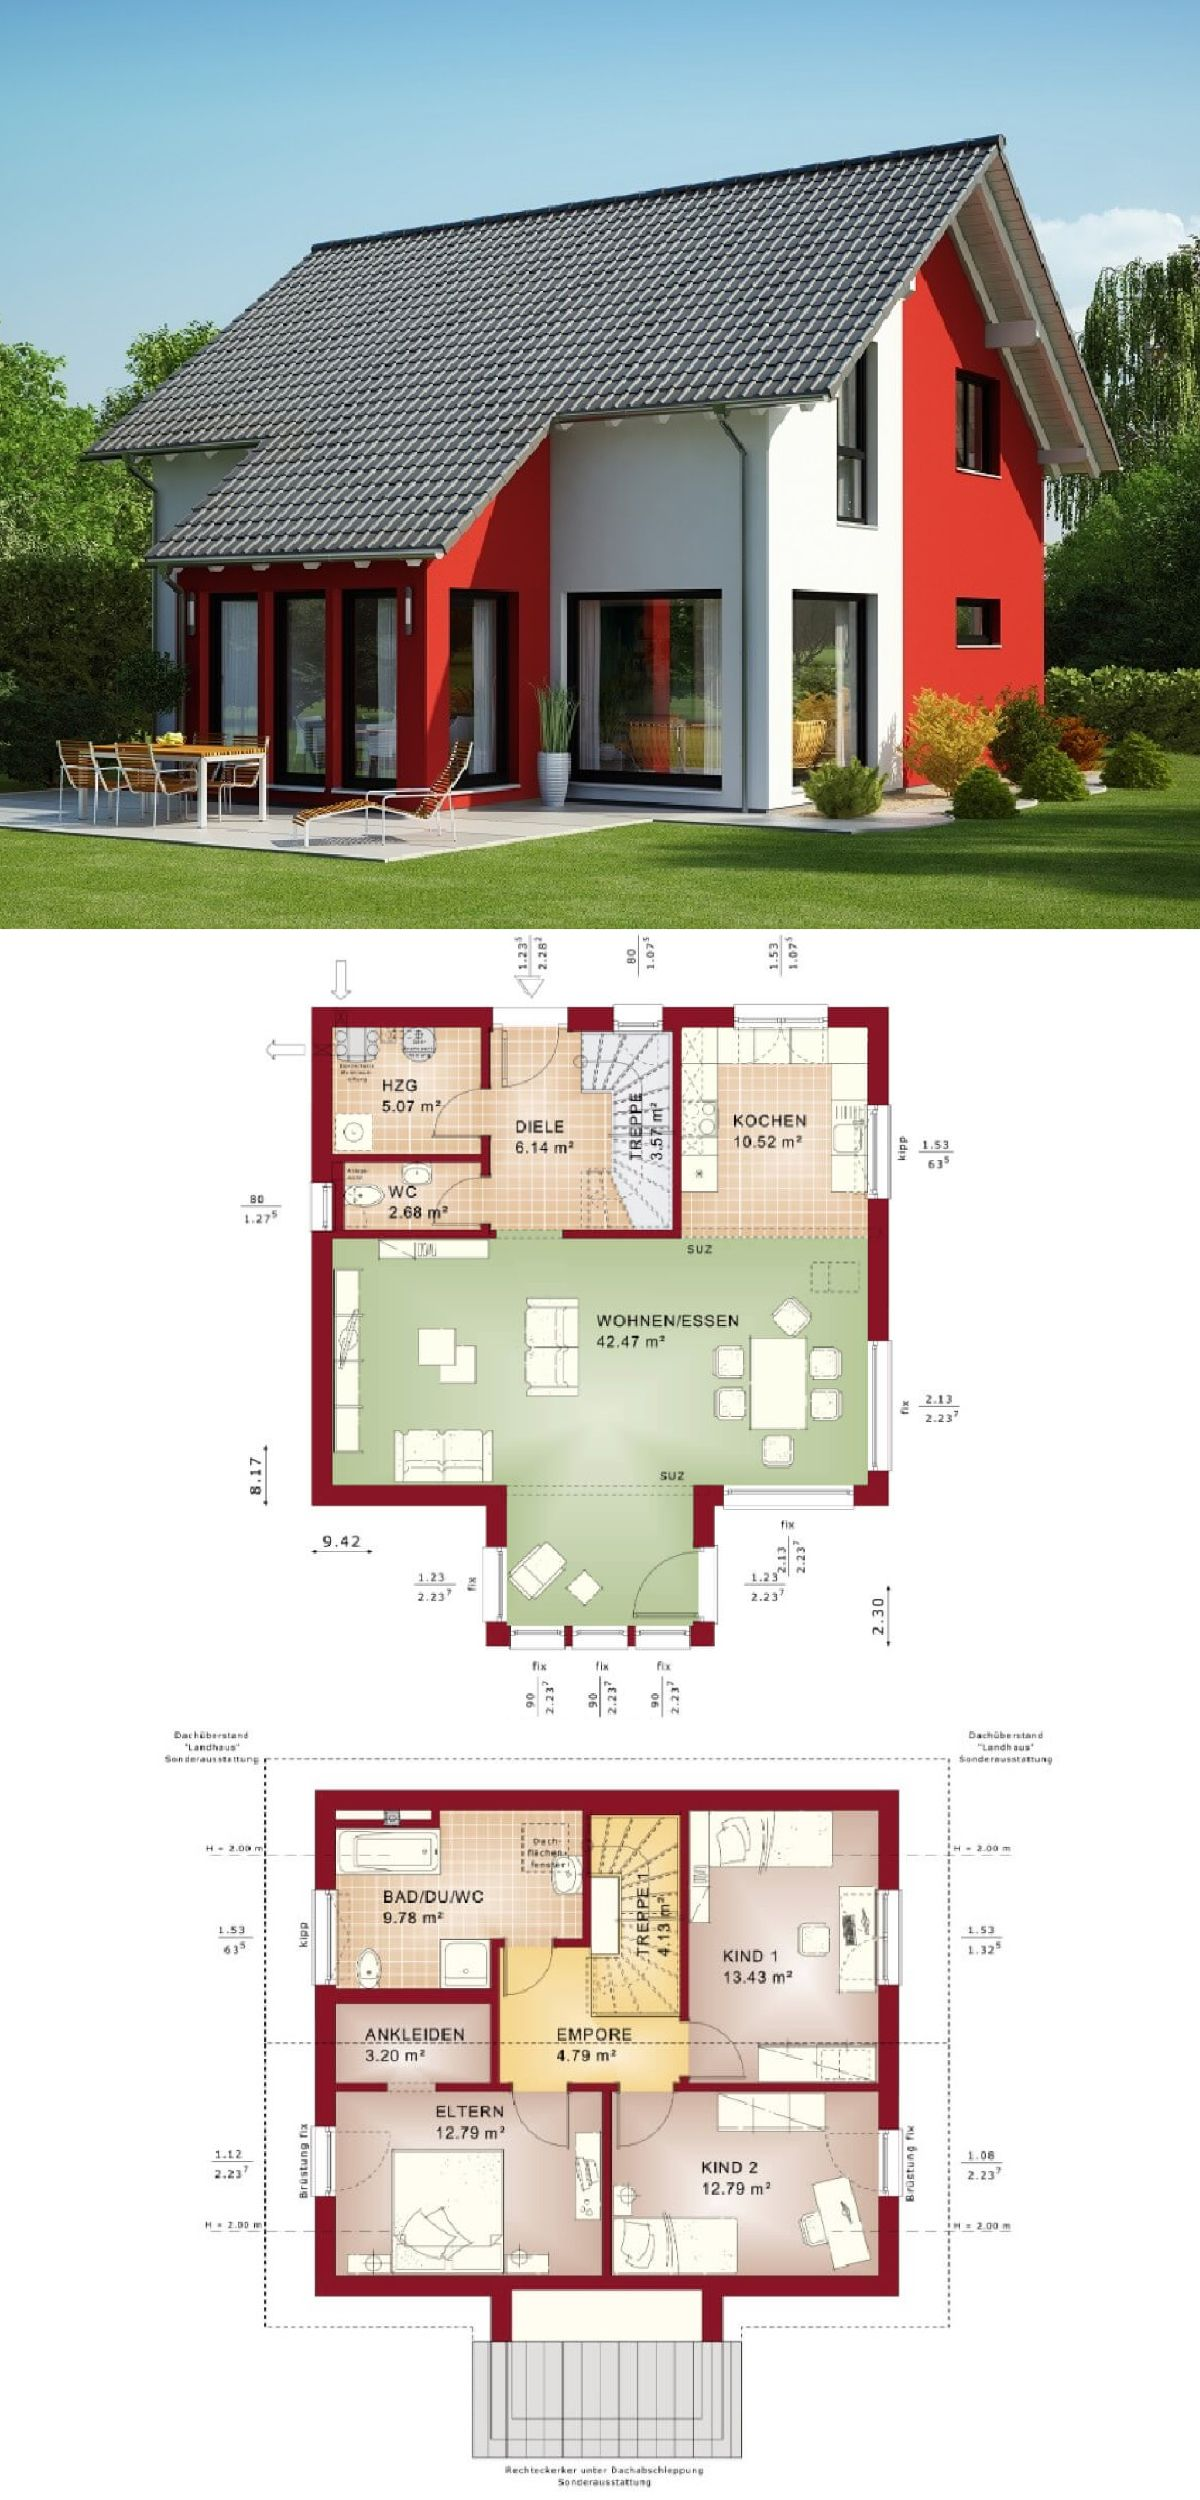 Einfamilienhaus Architektur Klassisch Mit Satteldach Und Erker Anbau